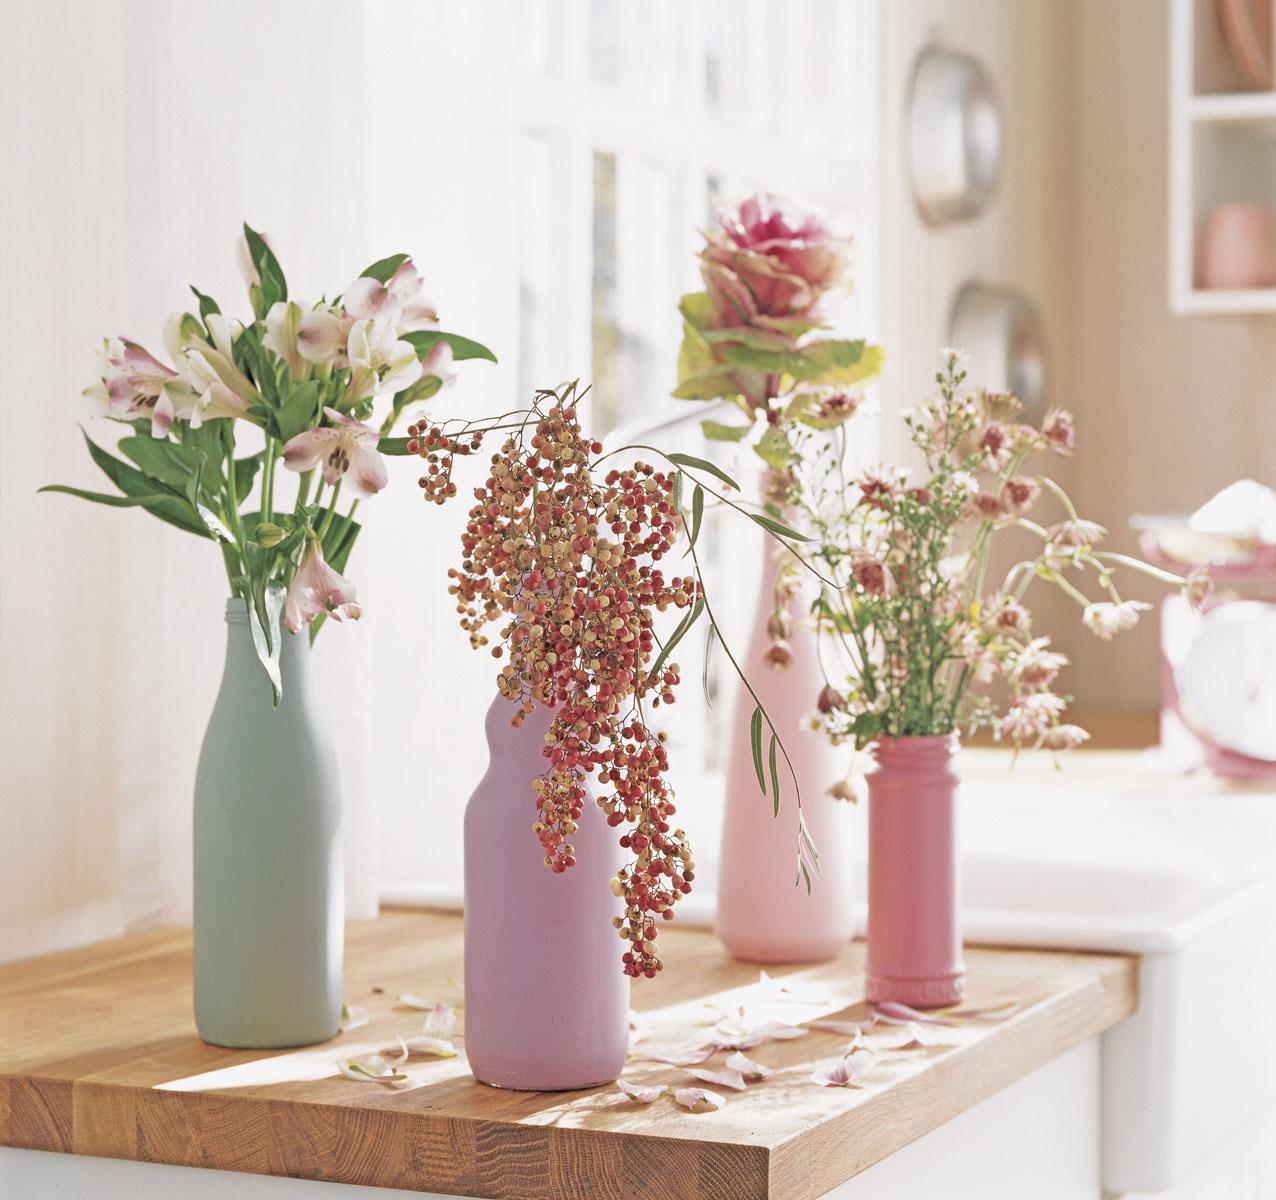 цветы в интерьере фото